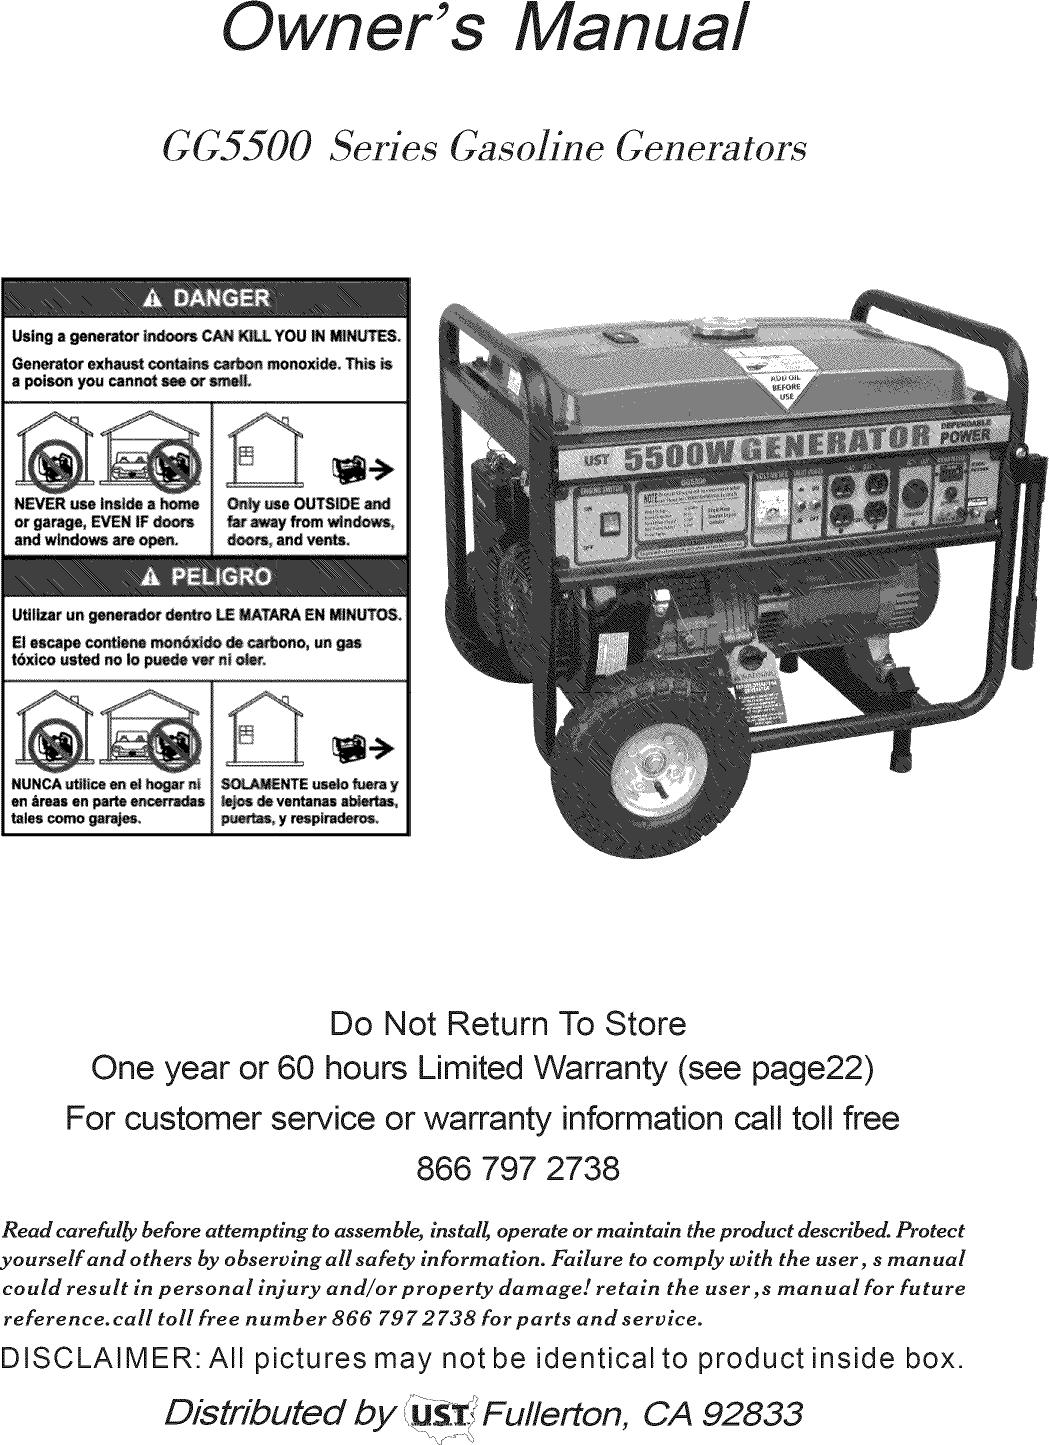 Skil 5500 Manual Guide